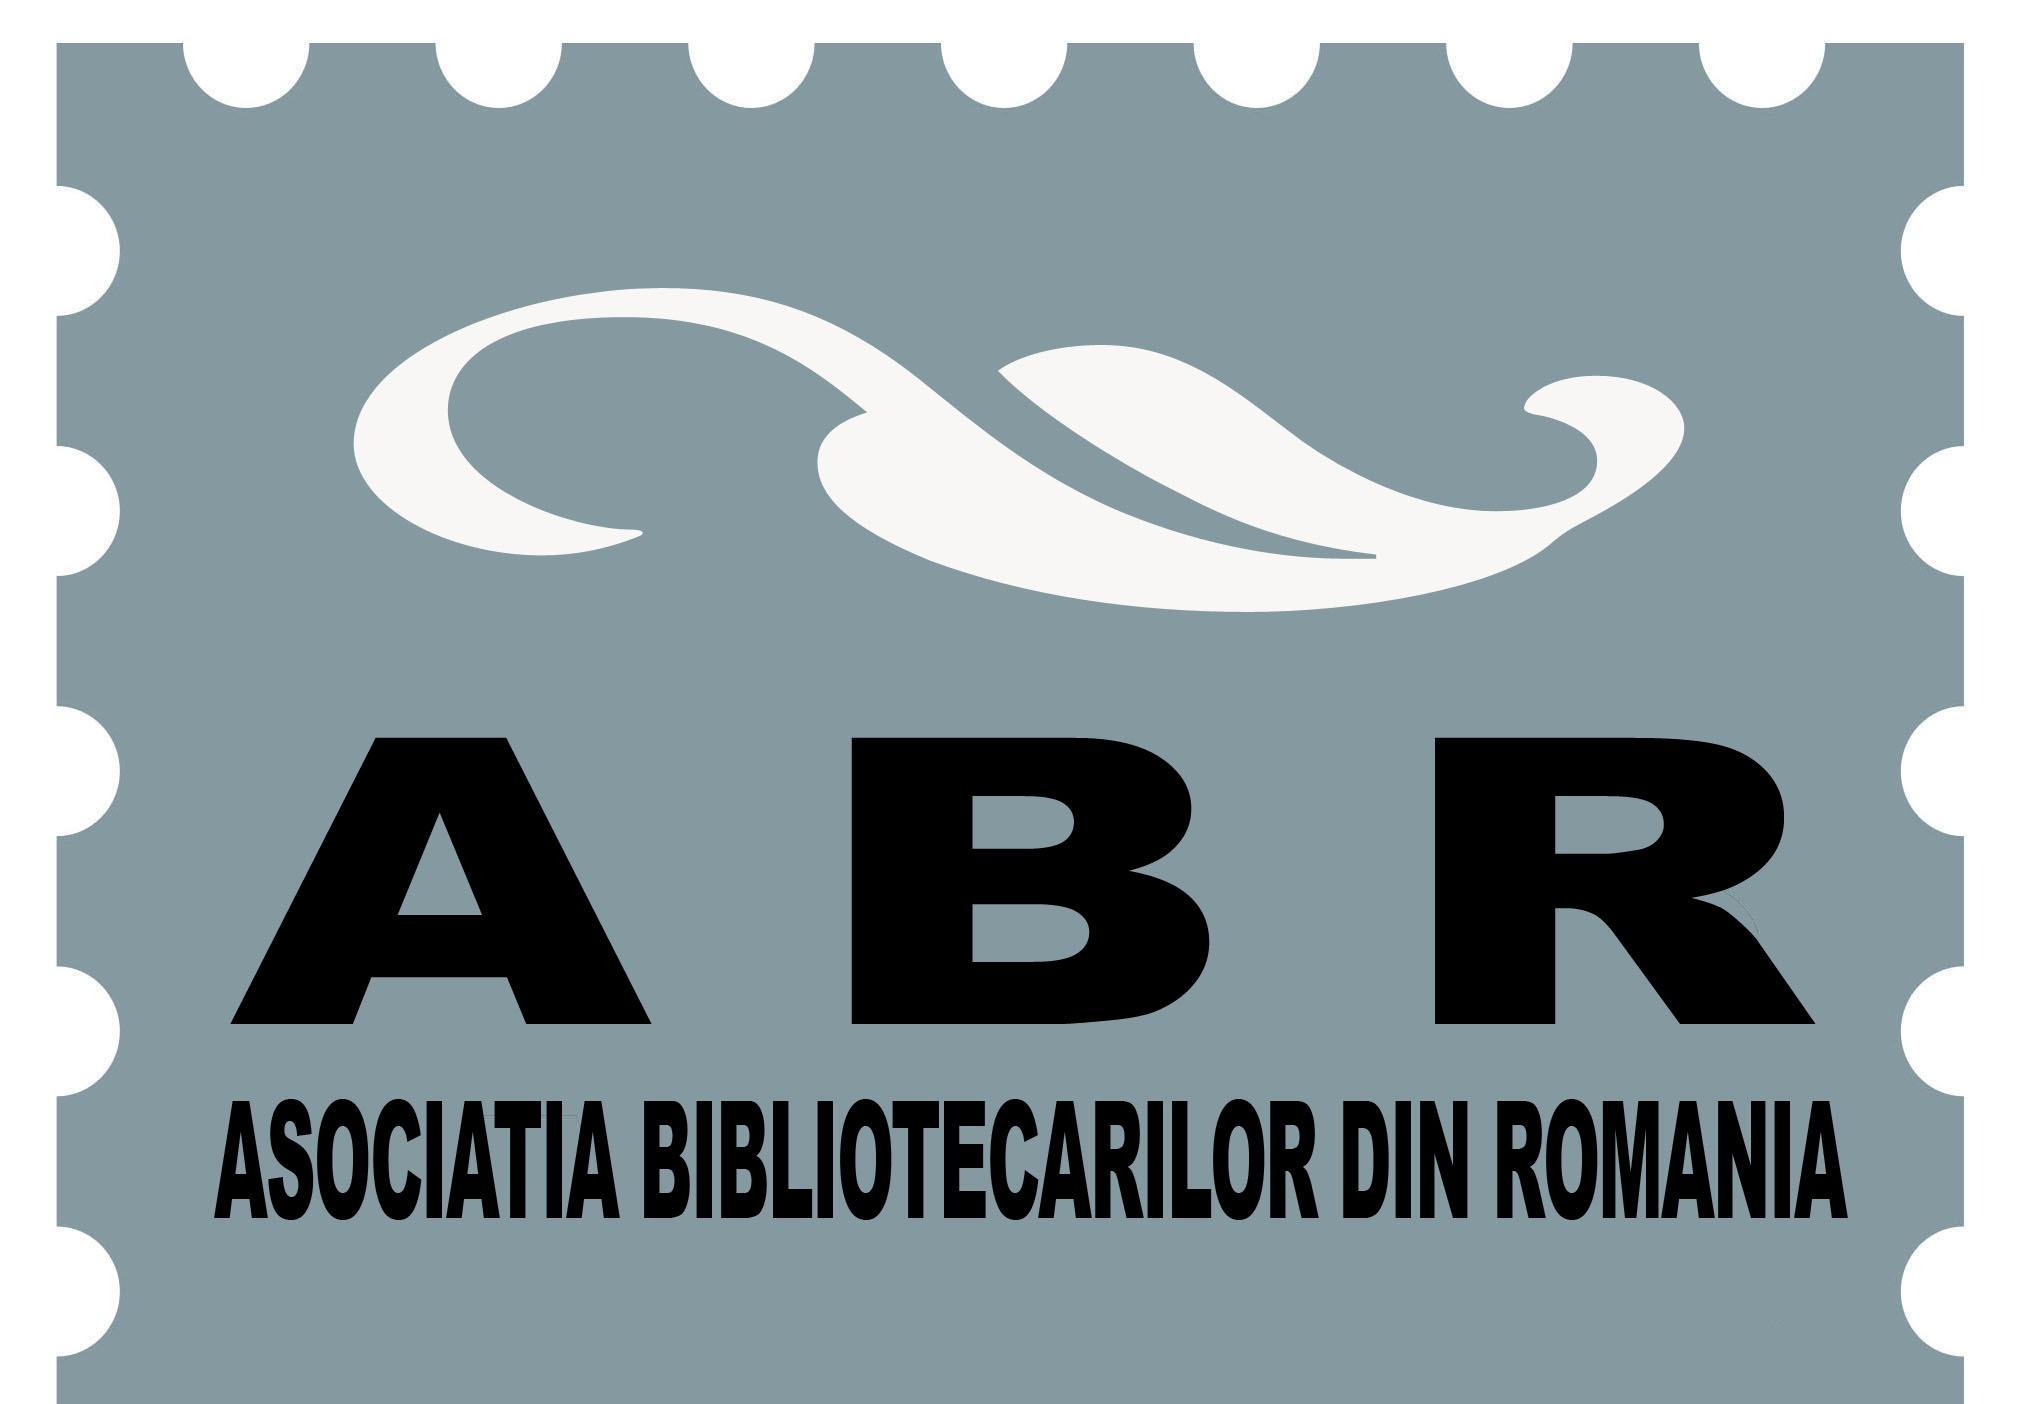 Asociatia Bibliotecarilor din Romania